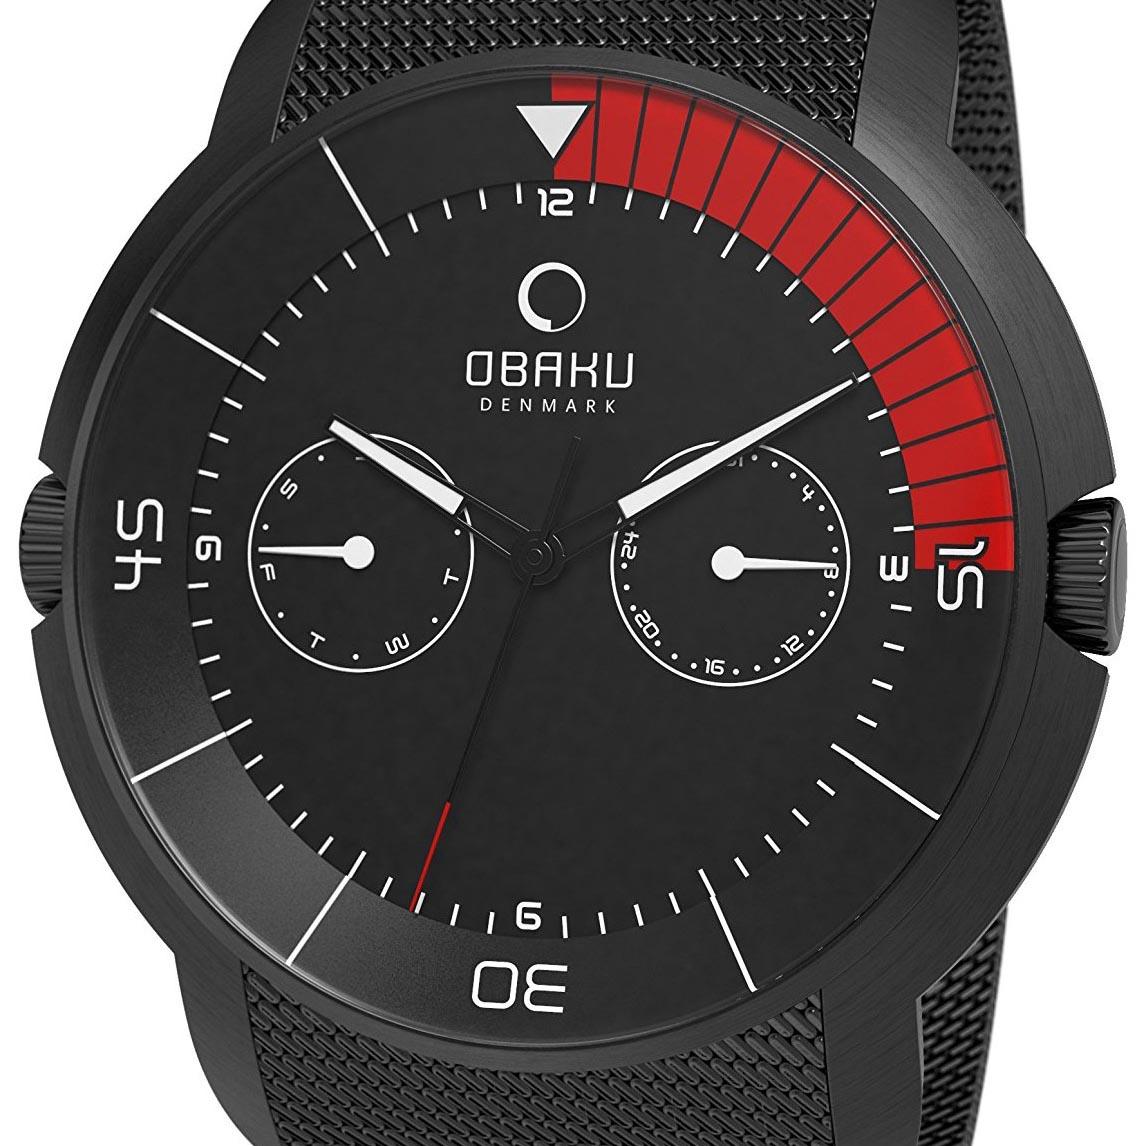 【ポイント10倍】【残り1点】OBAKU オバック クォーツ 腕時計 デンマーク シンプル 薄型 ファッション [V141GBBMB] 並行輸入品 純正ケース メーカー保証